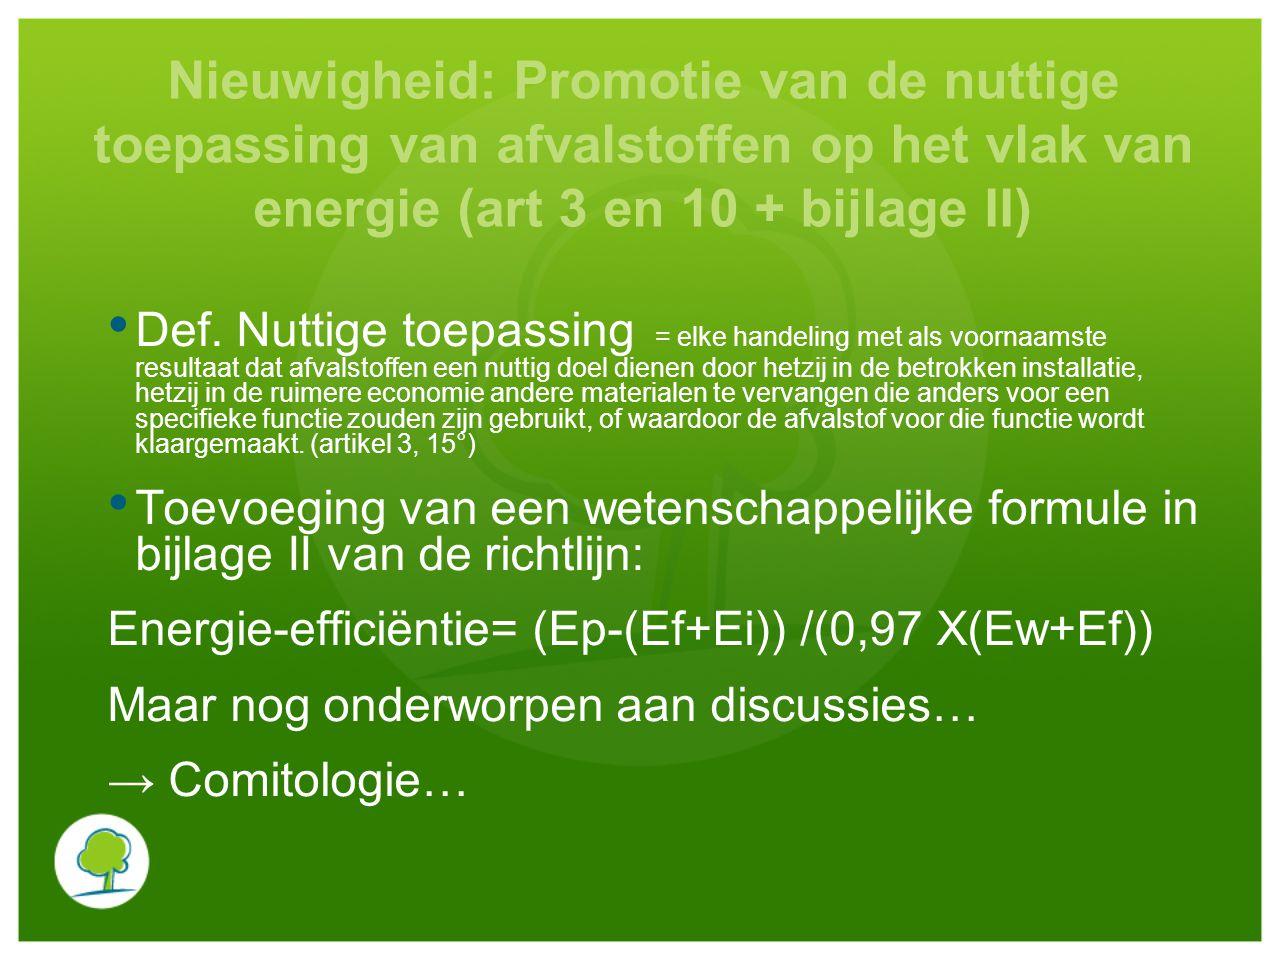 Nieuwigheid: Promotie van de nuttige toepassing van afvalstoffen op het vlak van energie (art 3 en 10 + bijlage II) Def.